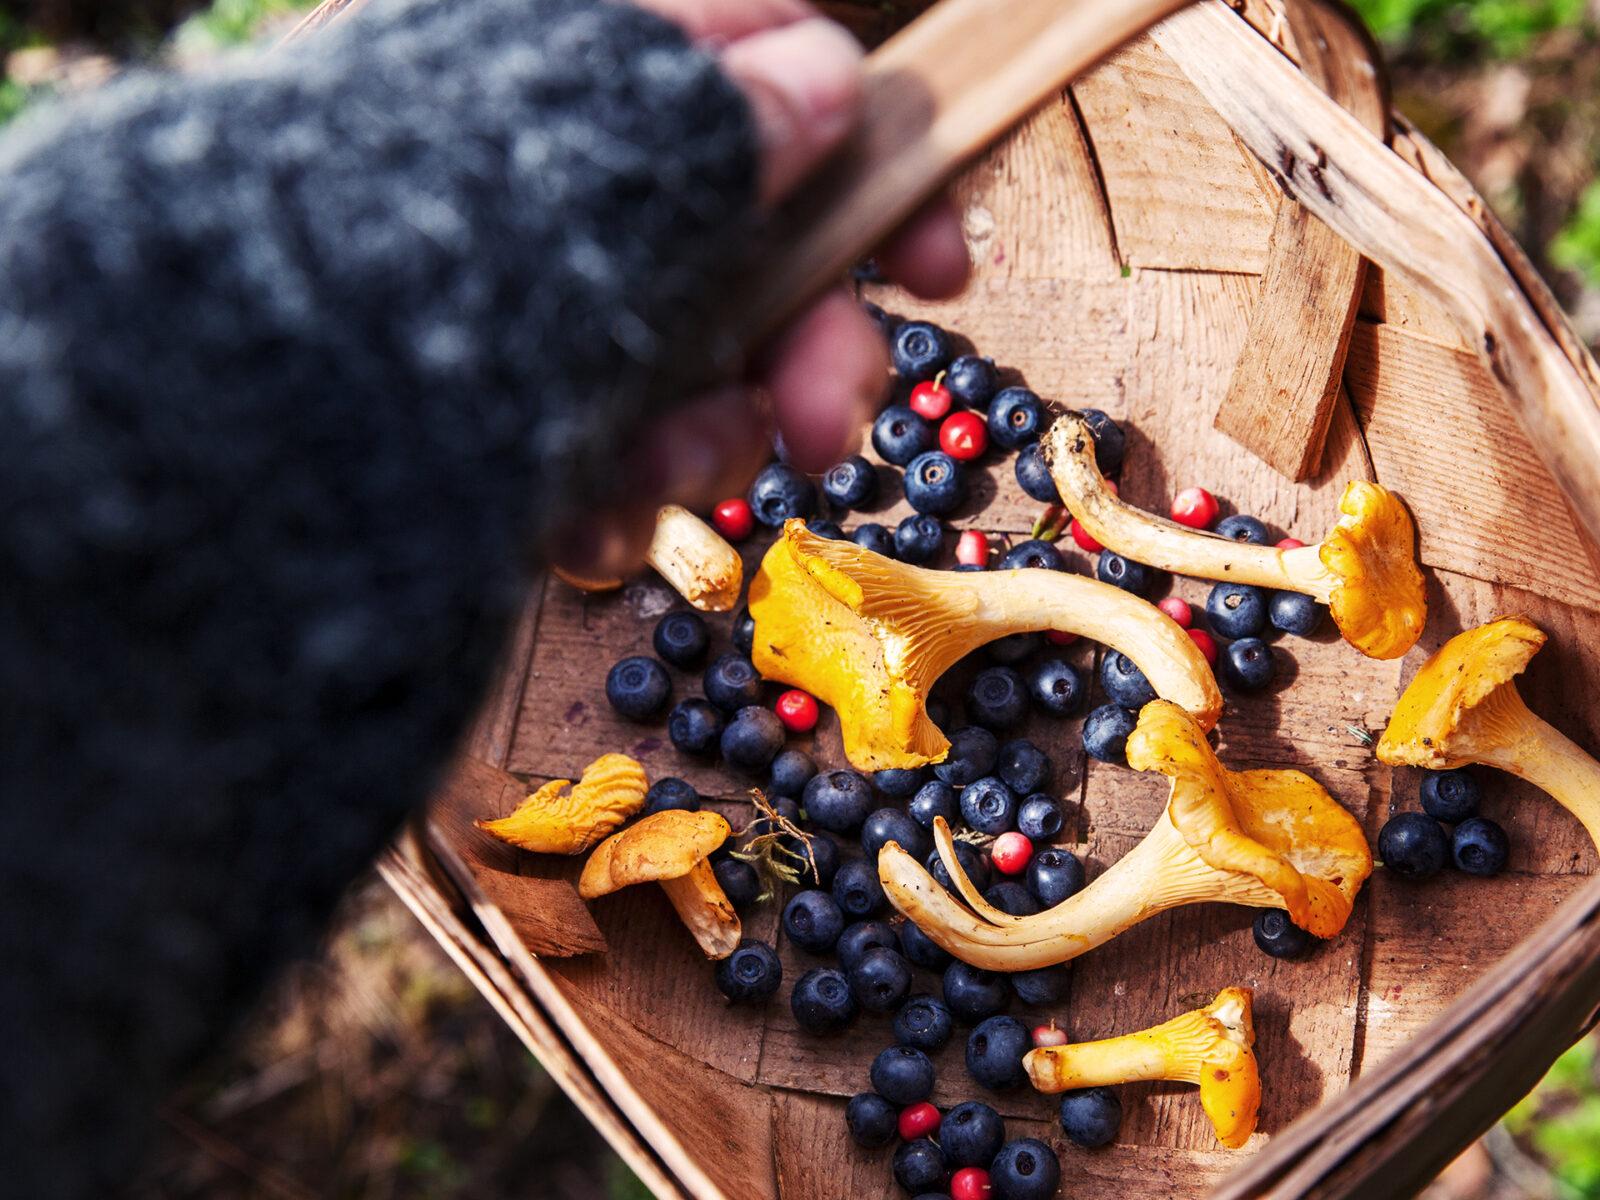 Korg med kantareller, blåbär och lingon.